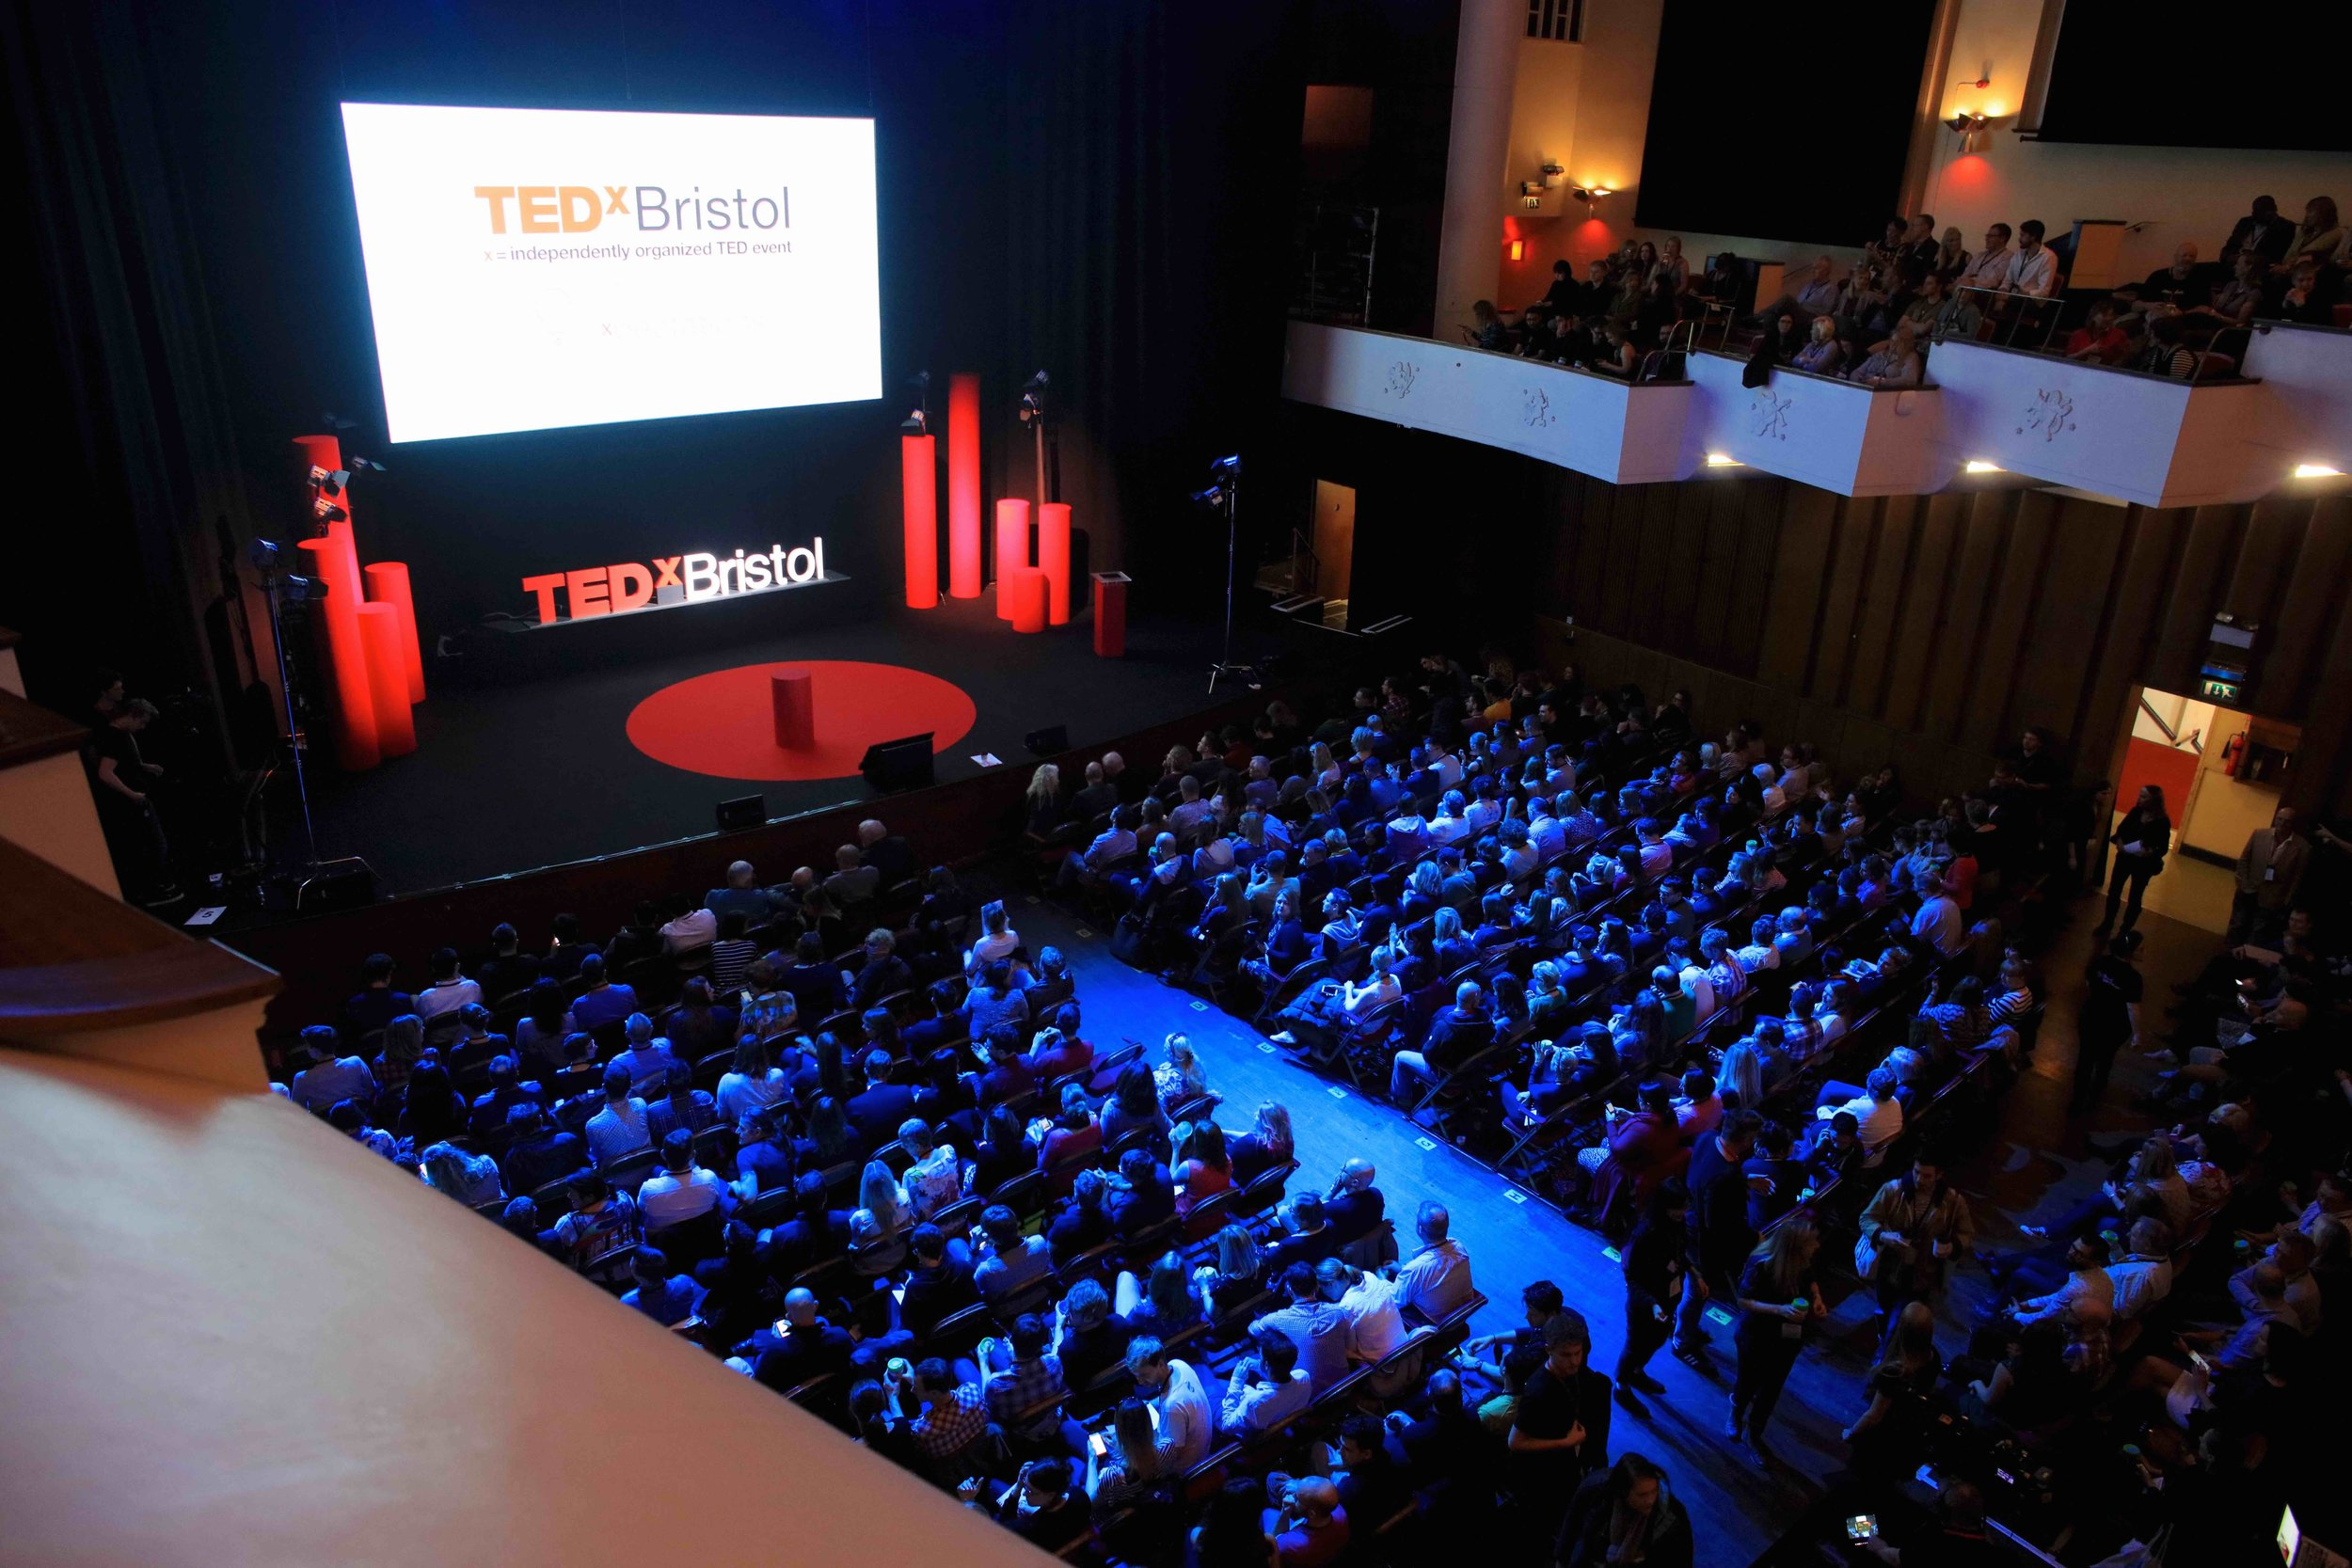 TEDxBristol 2015